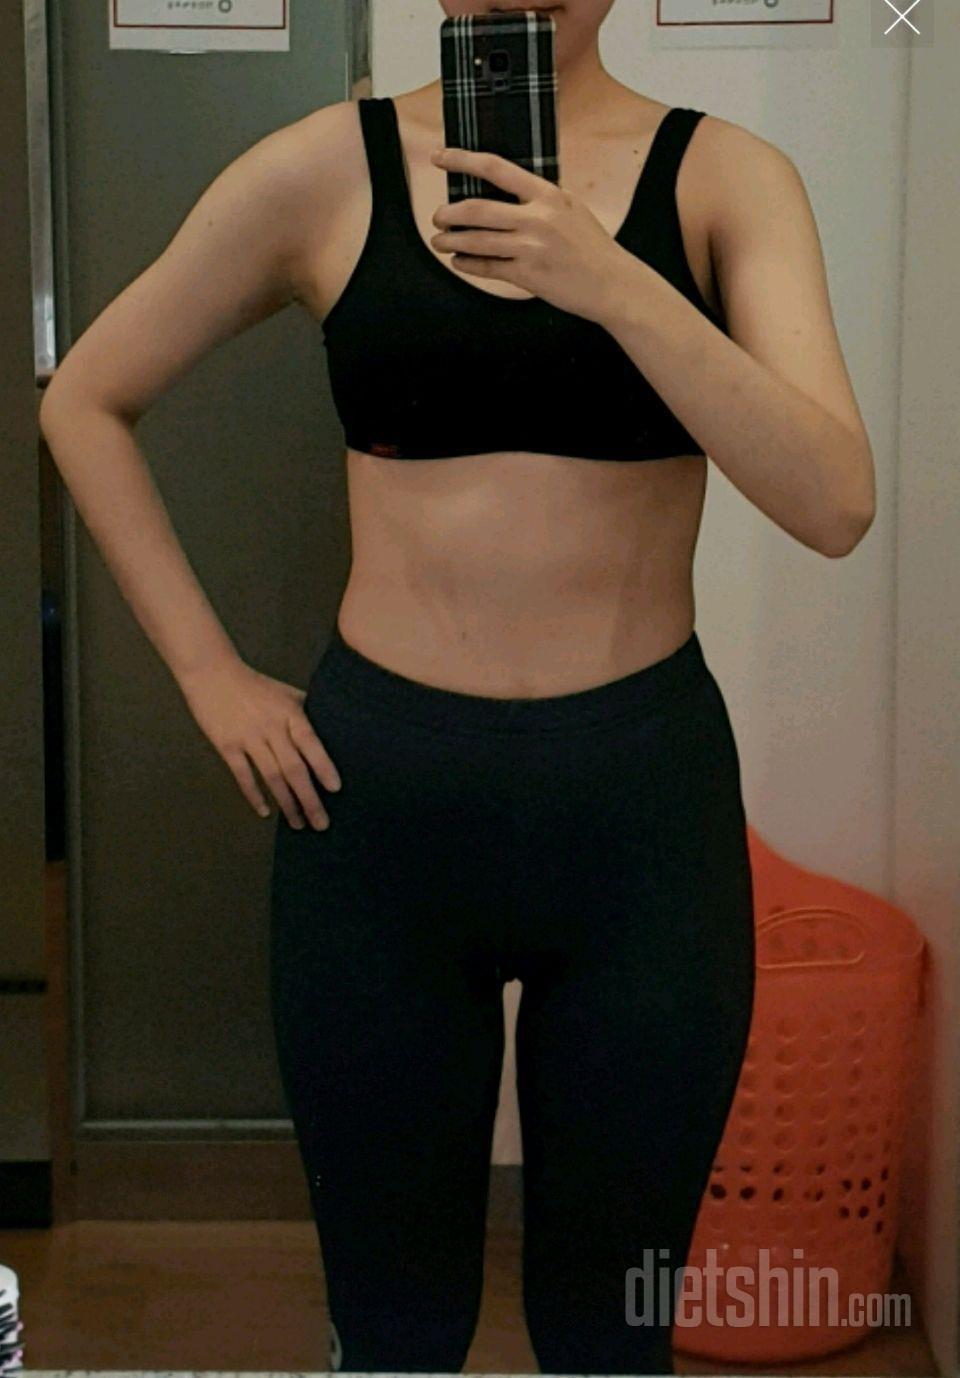 6개월 62kg->\;52kg 비포애프터